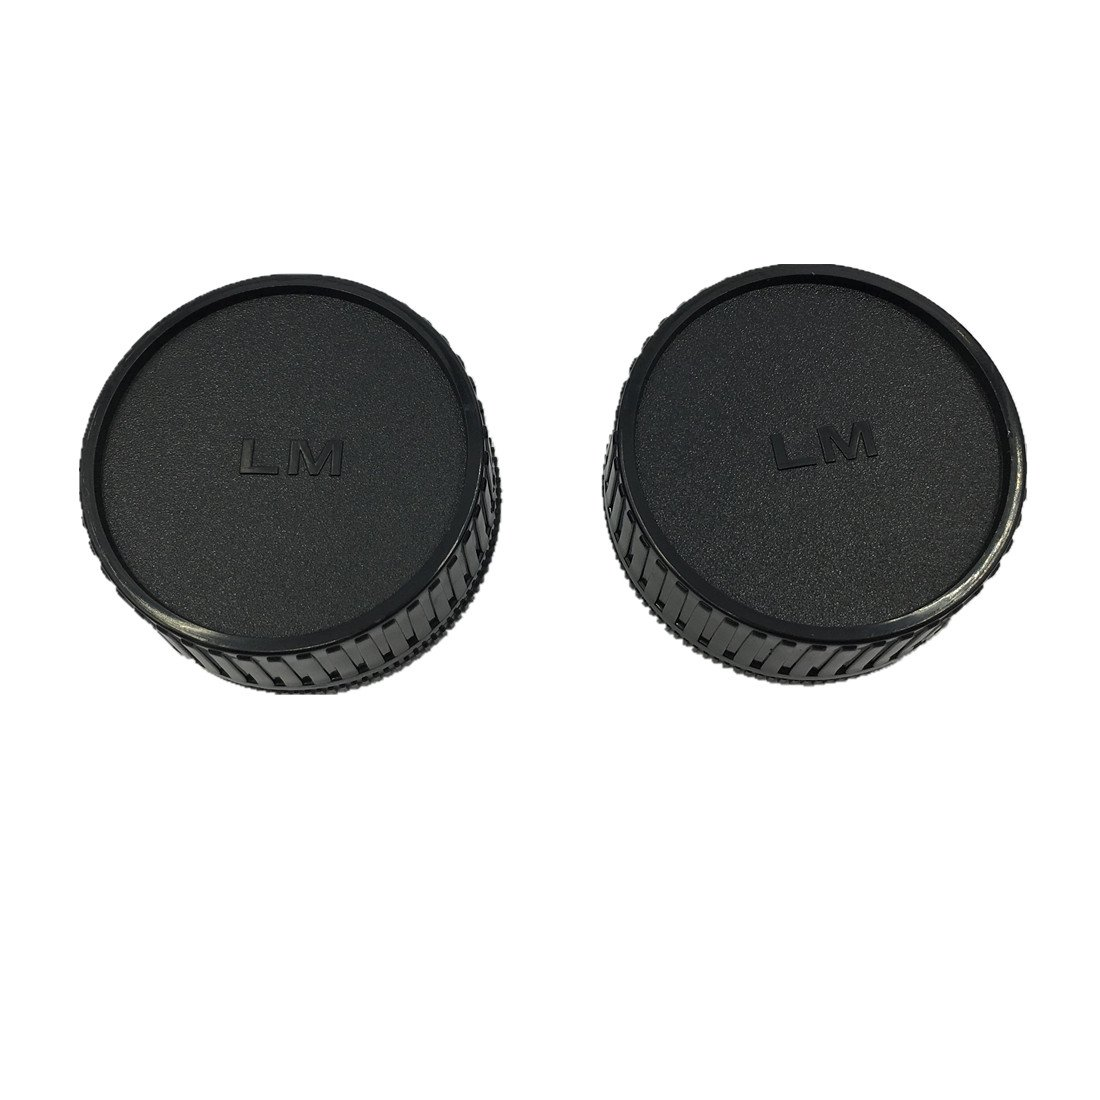 YONGYAO Estilo De Coche Embellecedor Rejilla Cubierta para BMW Serie 5 E60 04-10